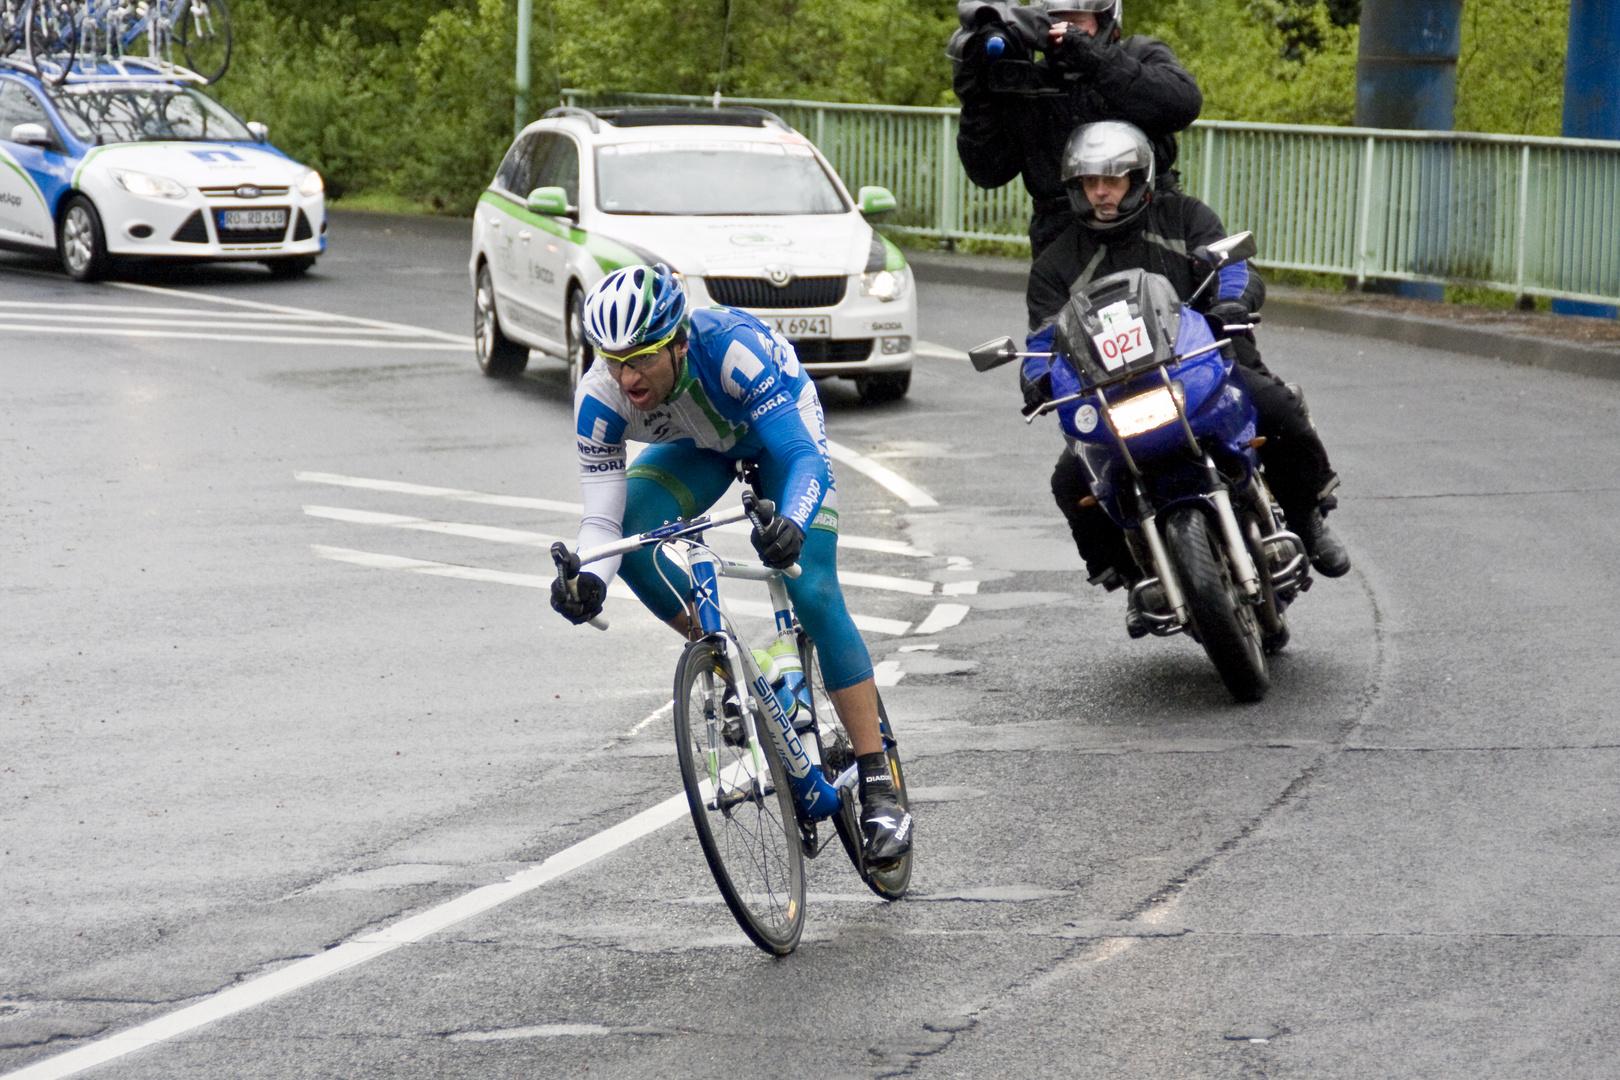 Rund um Köln 2012 der Sieger Jan Barta